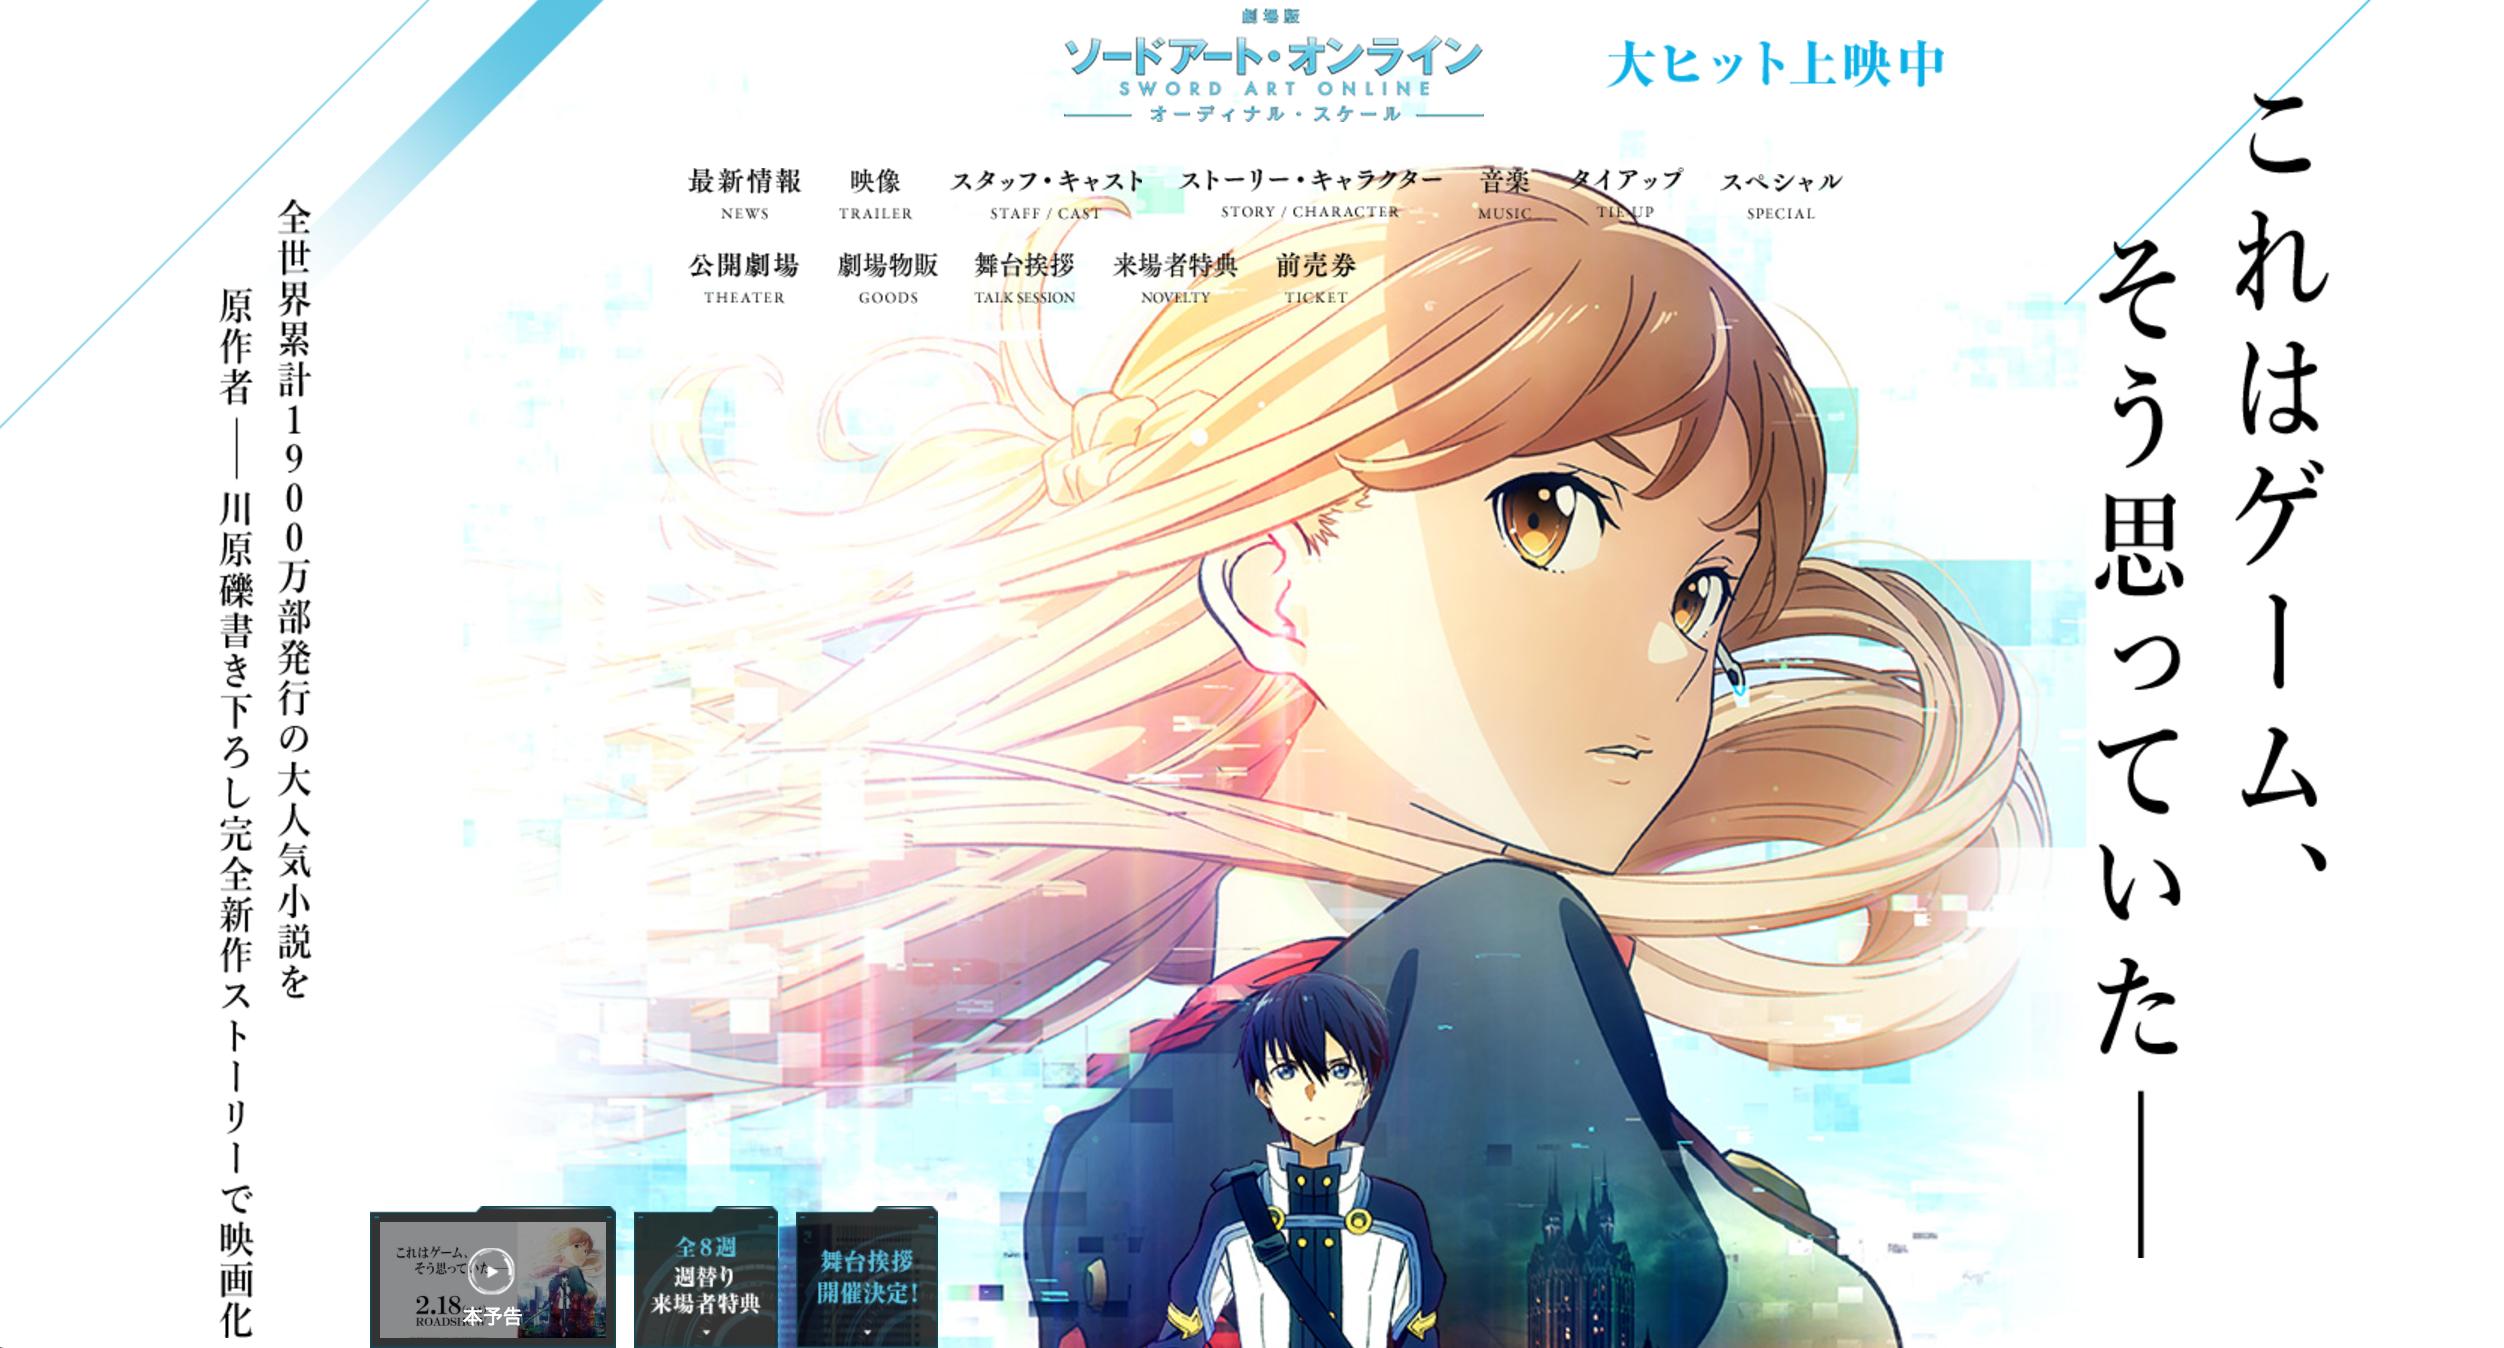 劇場版ソードアート・オンライン -オーディナル・スケール-が公開されたから観に行きたい!